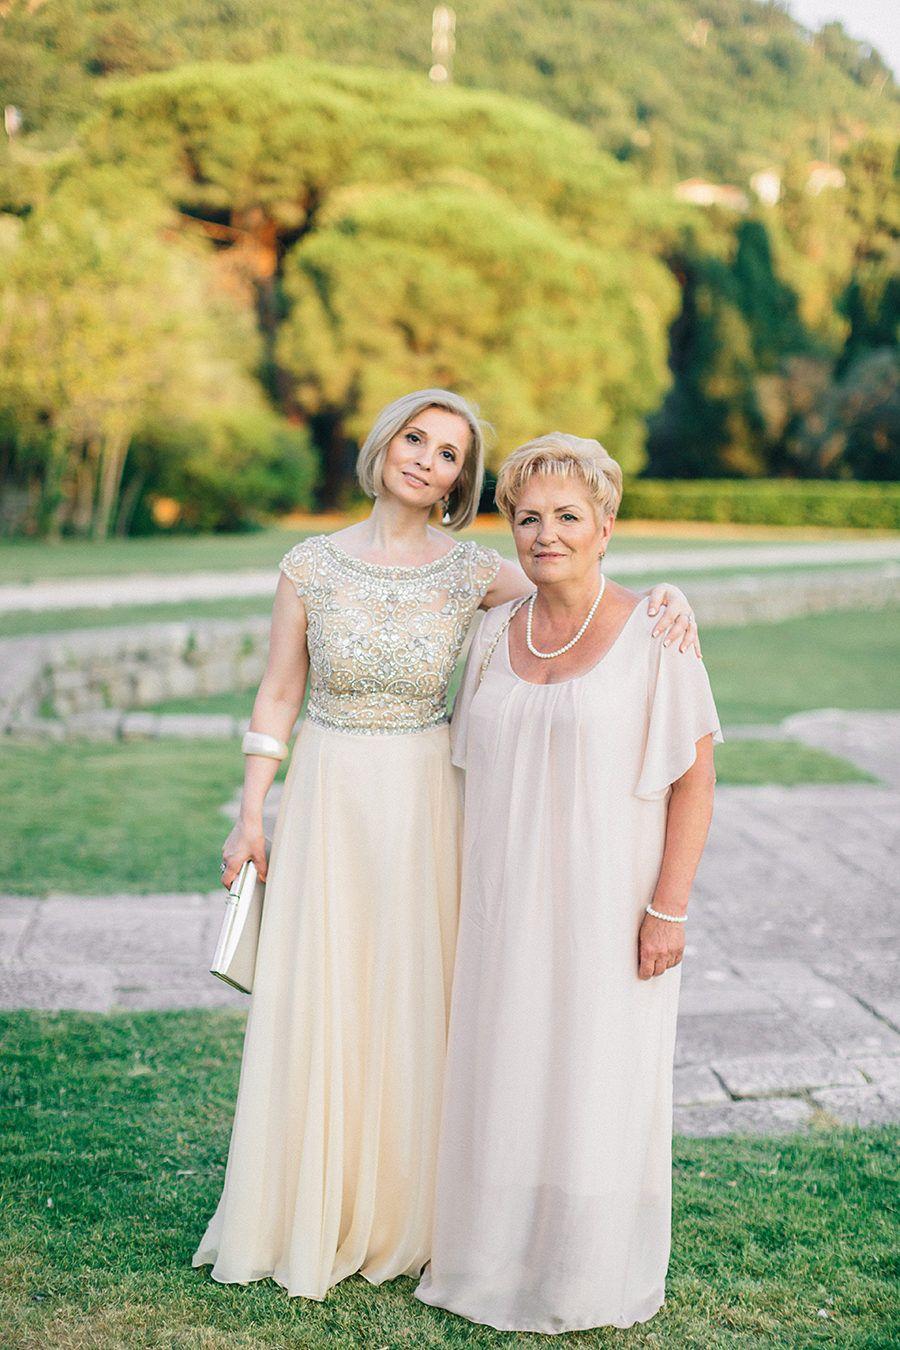 Intimate Villa Wedding In Montenegro Mother Wedding Dress Mother Of The Bride Mother Of The Bride Dresses [ 1350 x 900 Pixel ]